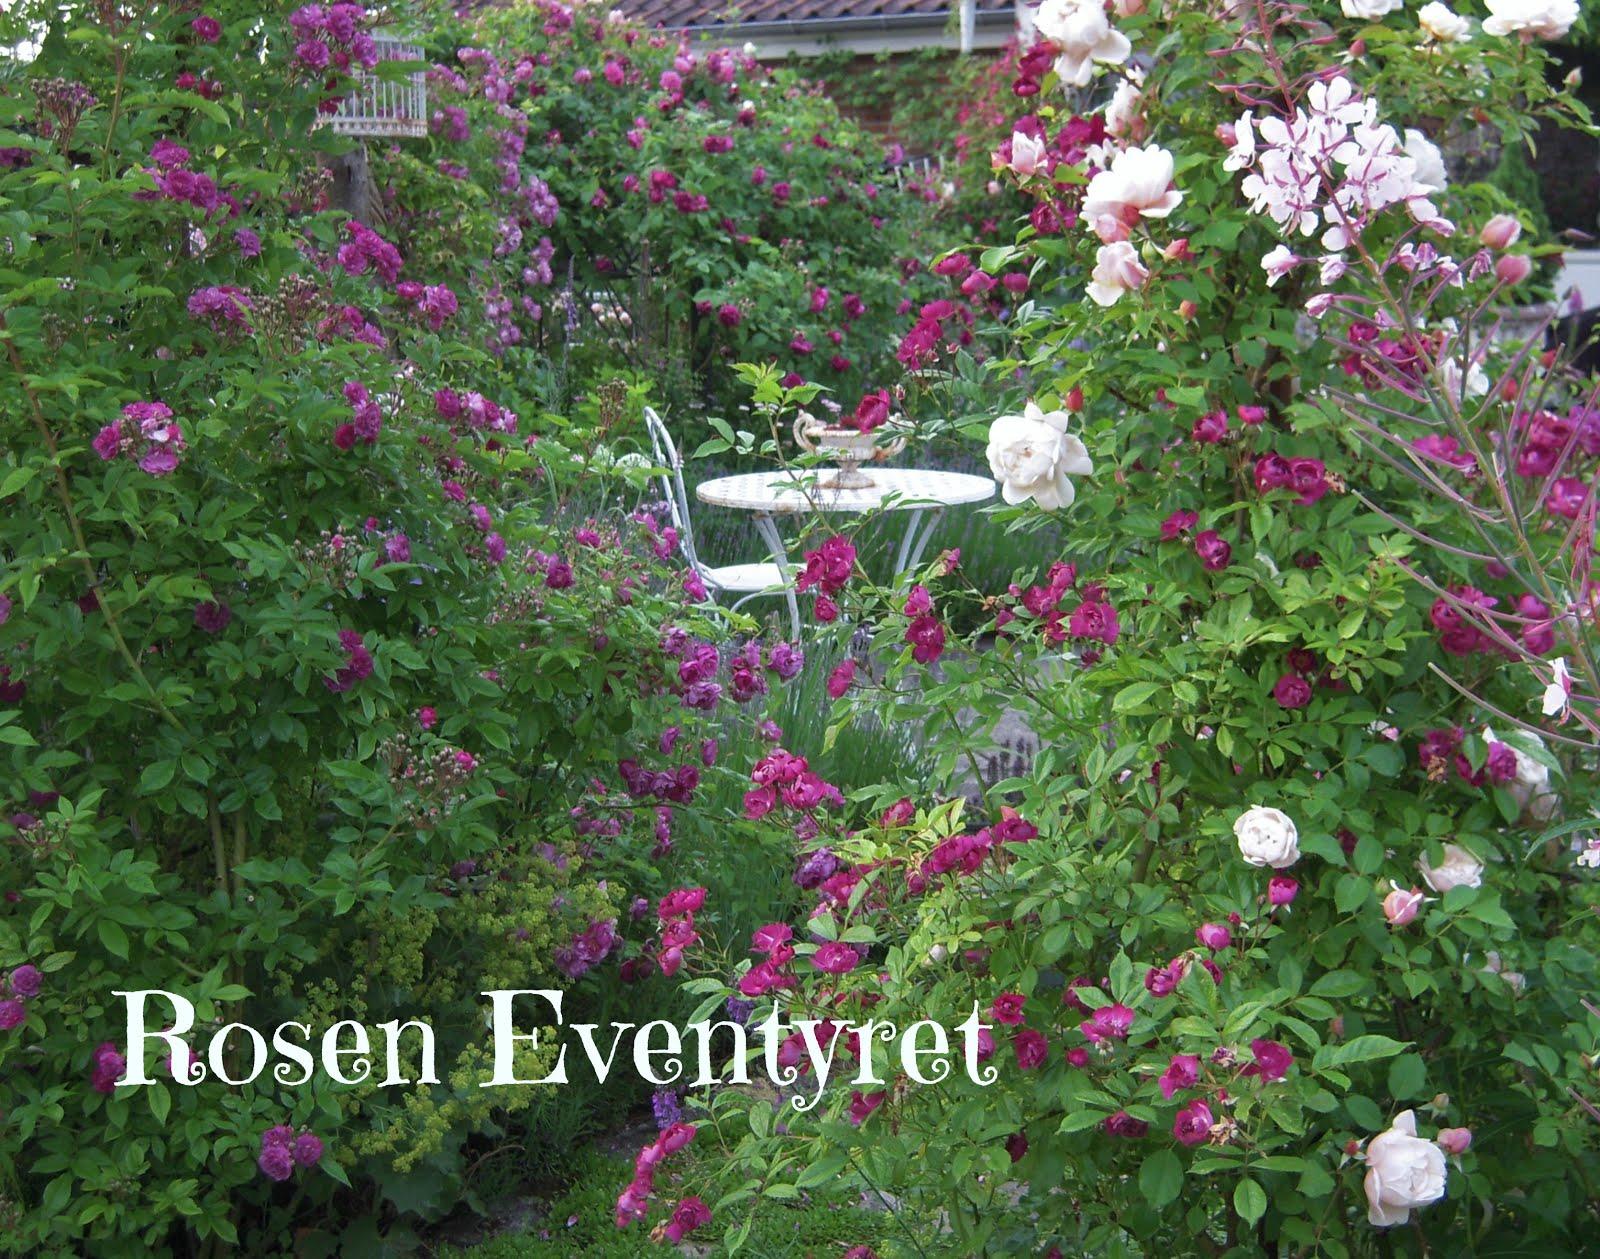 Rosen portrætter